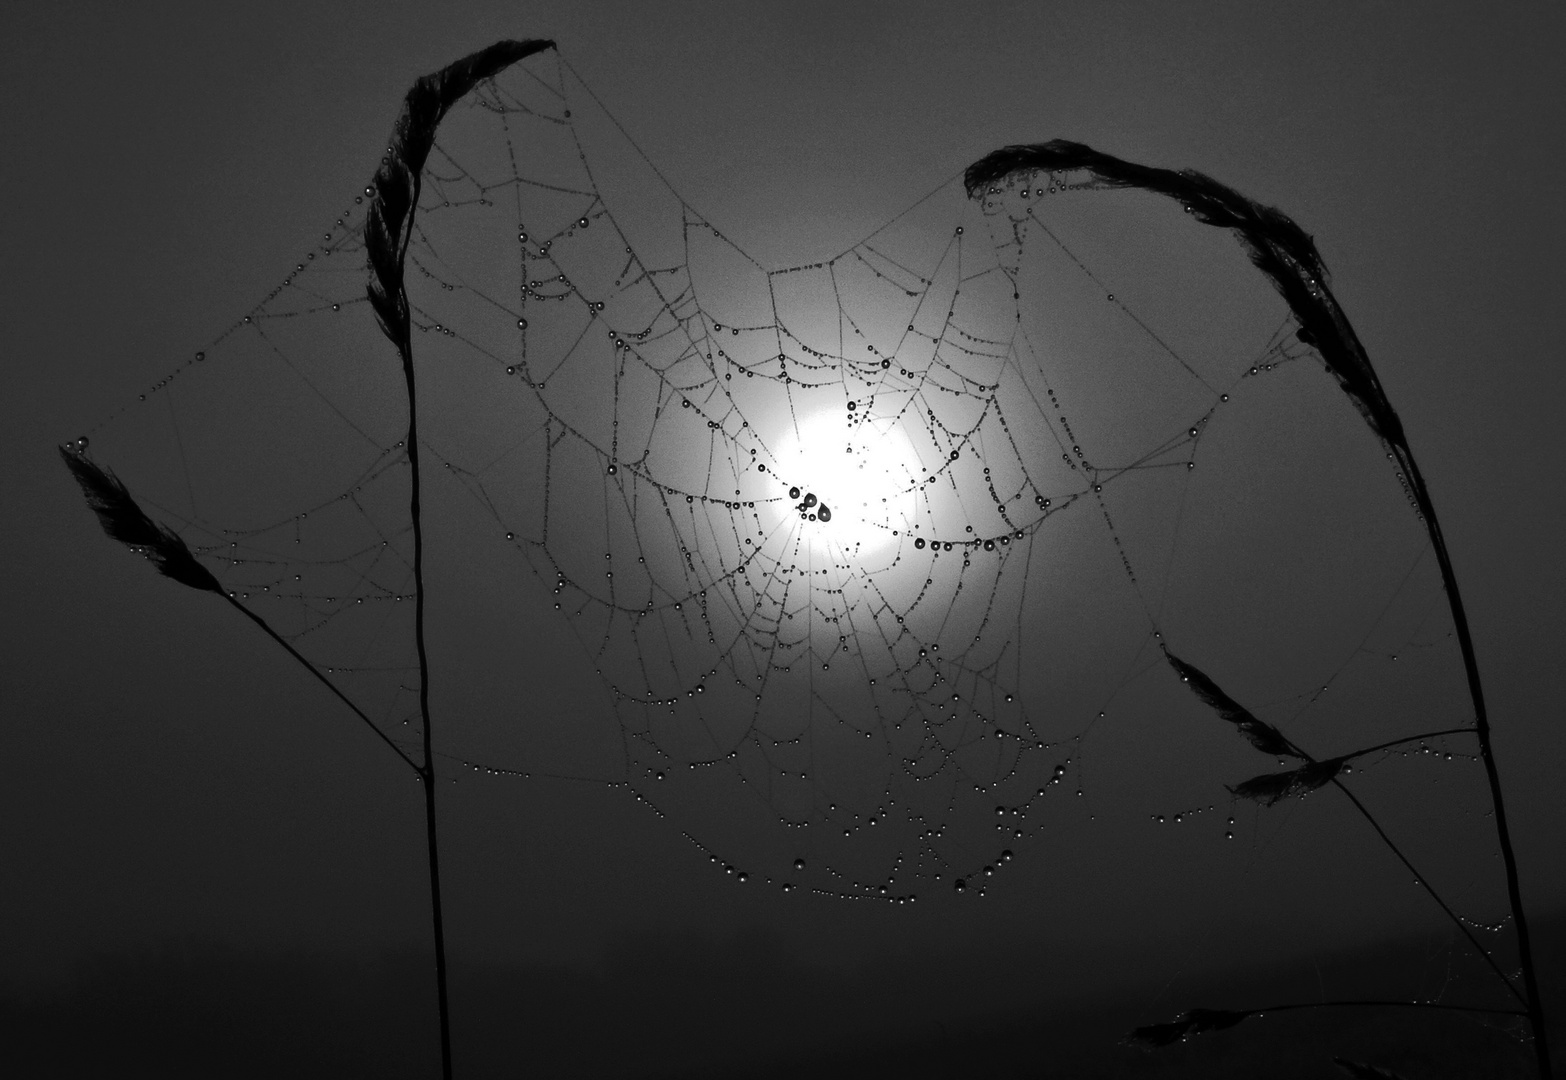 Spinnennetz mit morgentlichem Tau (schwarzweiß)